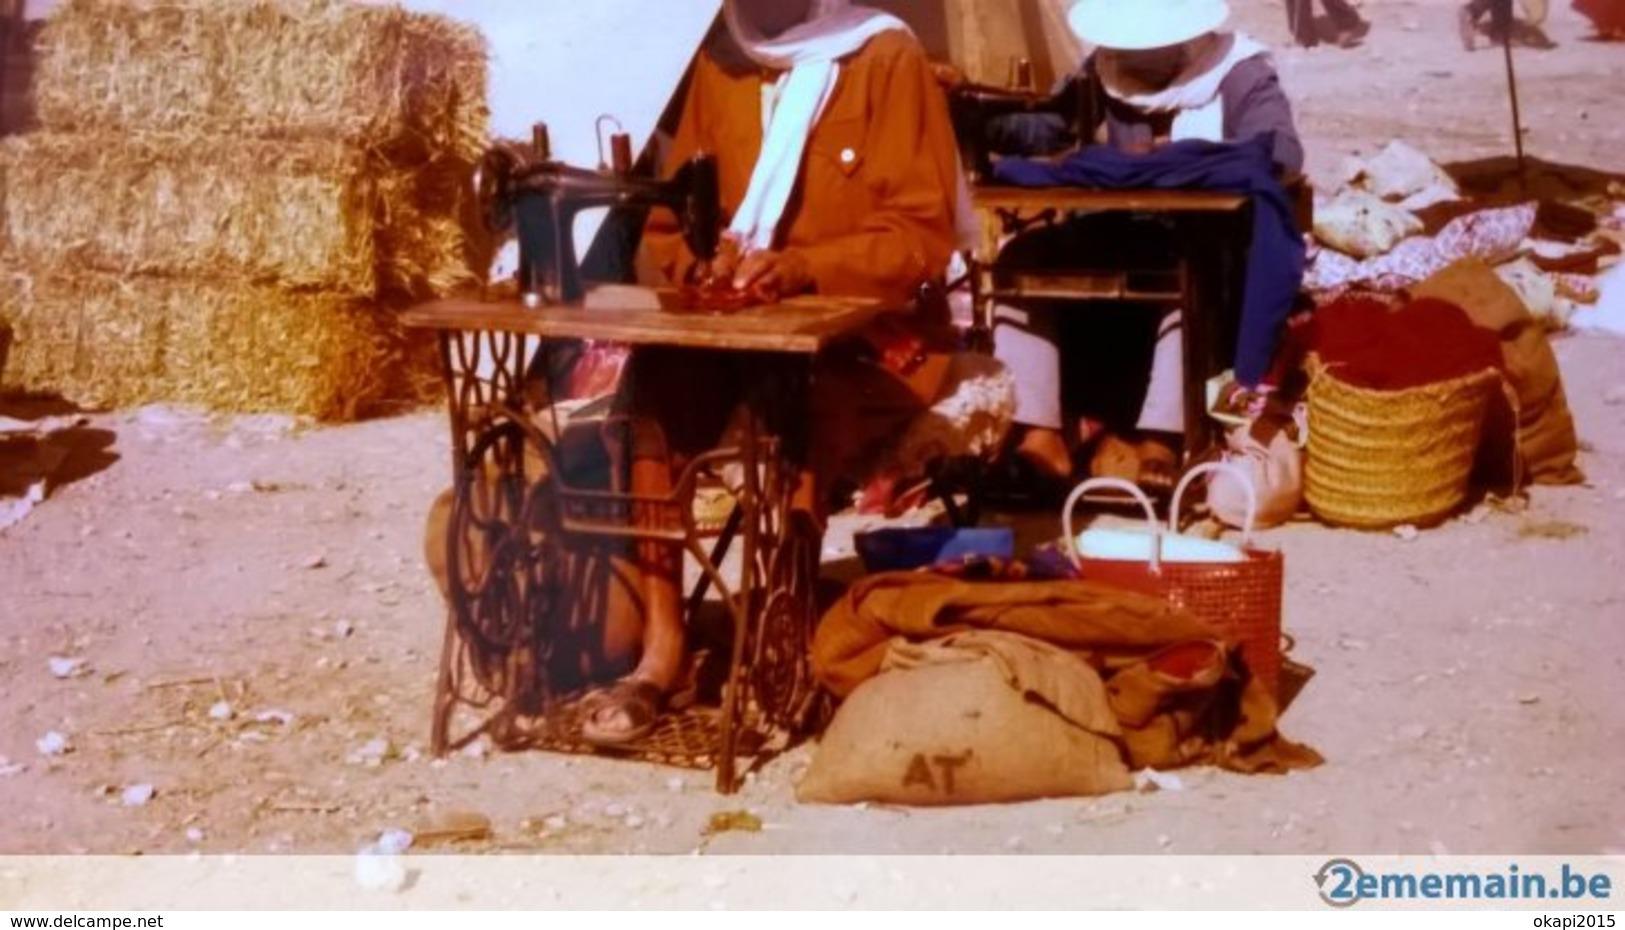 MACHINE À COUDRE À PEDALE LOT 2 PHOTOS ORIGINALES TOURISTES EN TUNISIE SANS DOUTE EN 1978 - Objets